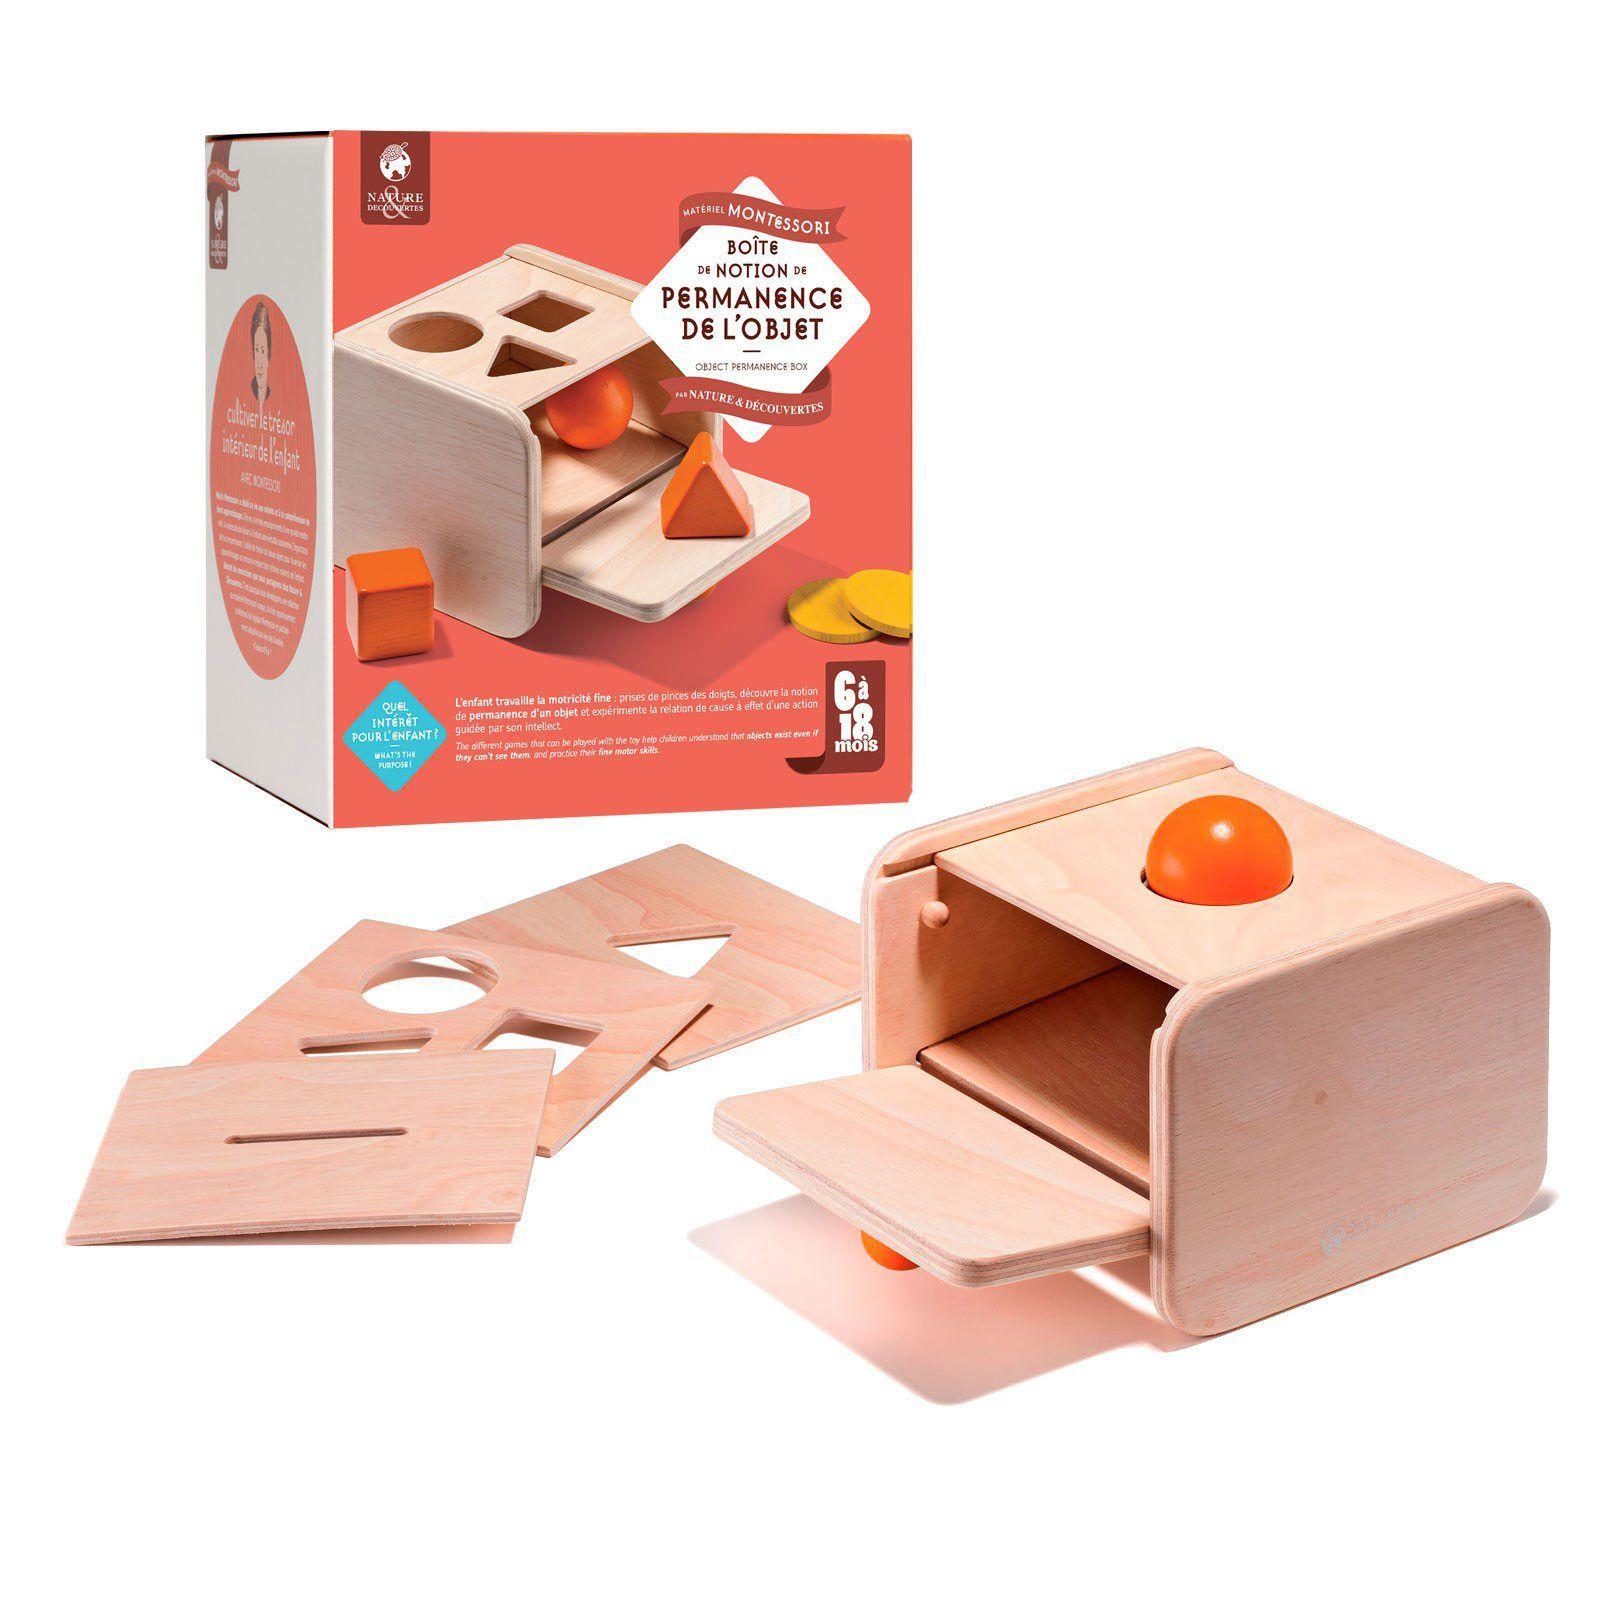 Boîte De Notion De Permanence De L'objet Nature concernant Boite À Forme Montessori